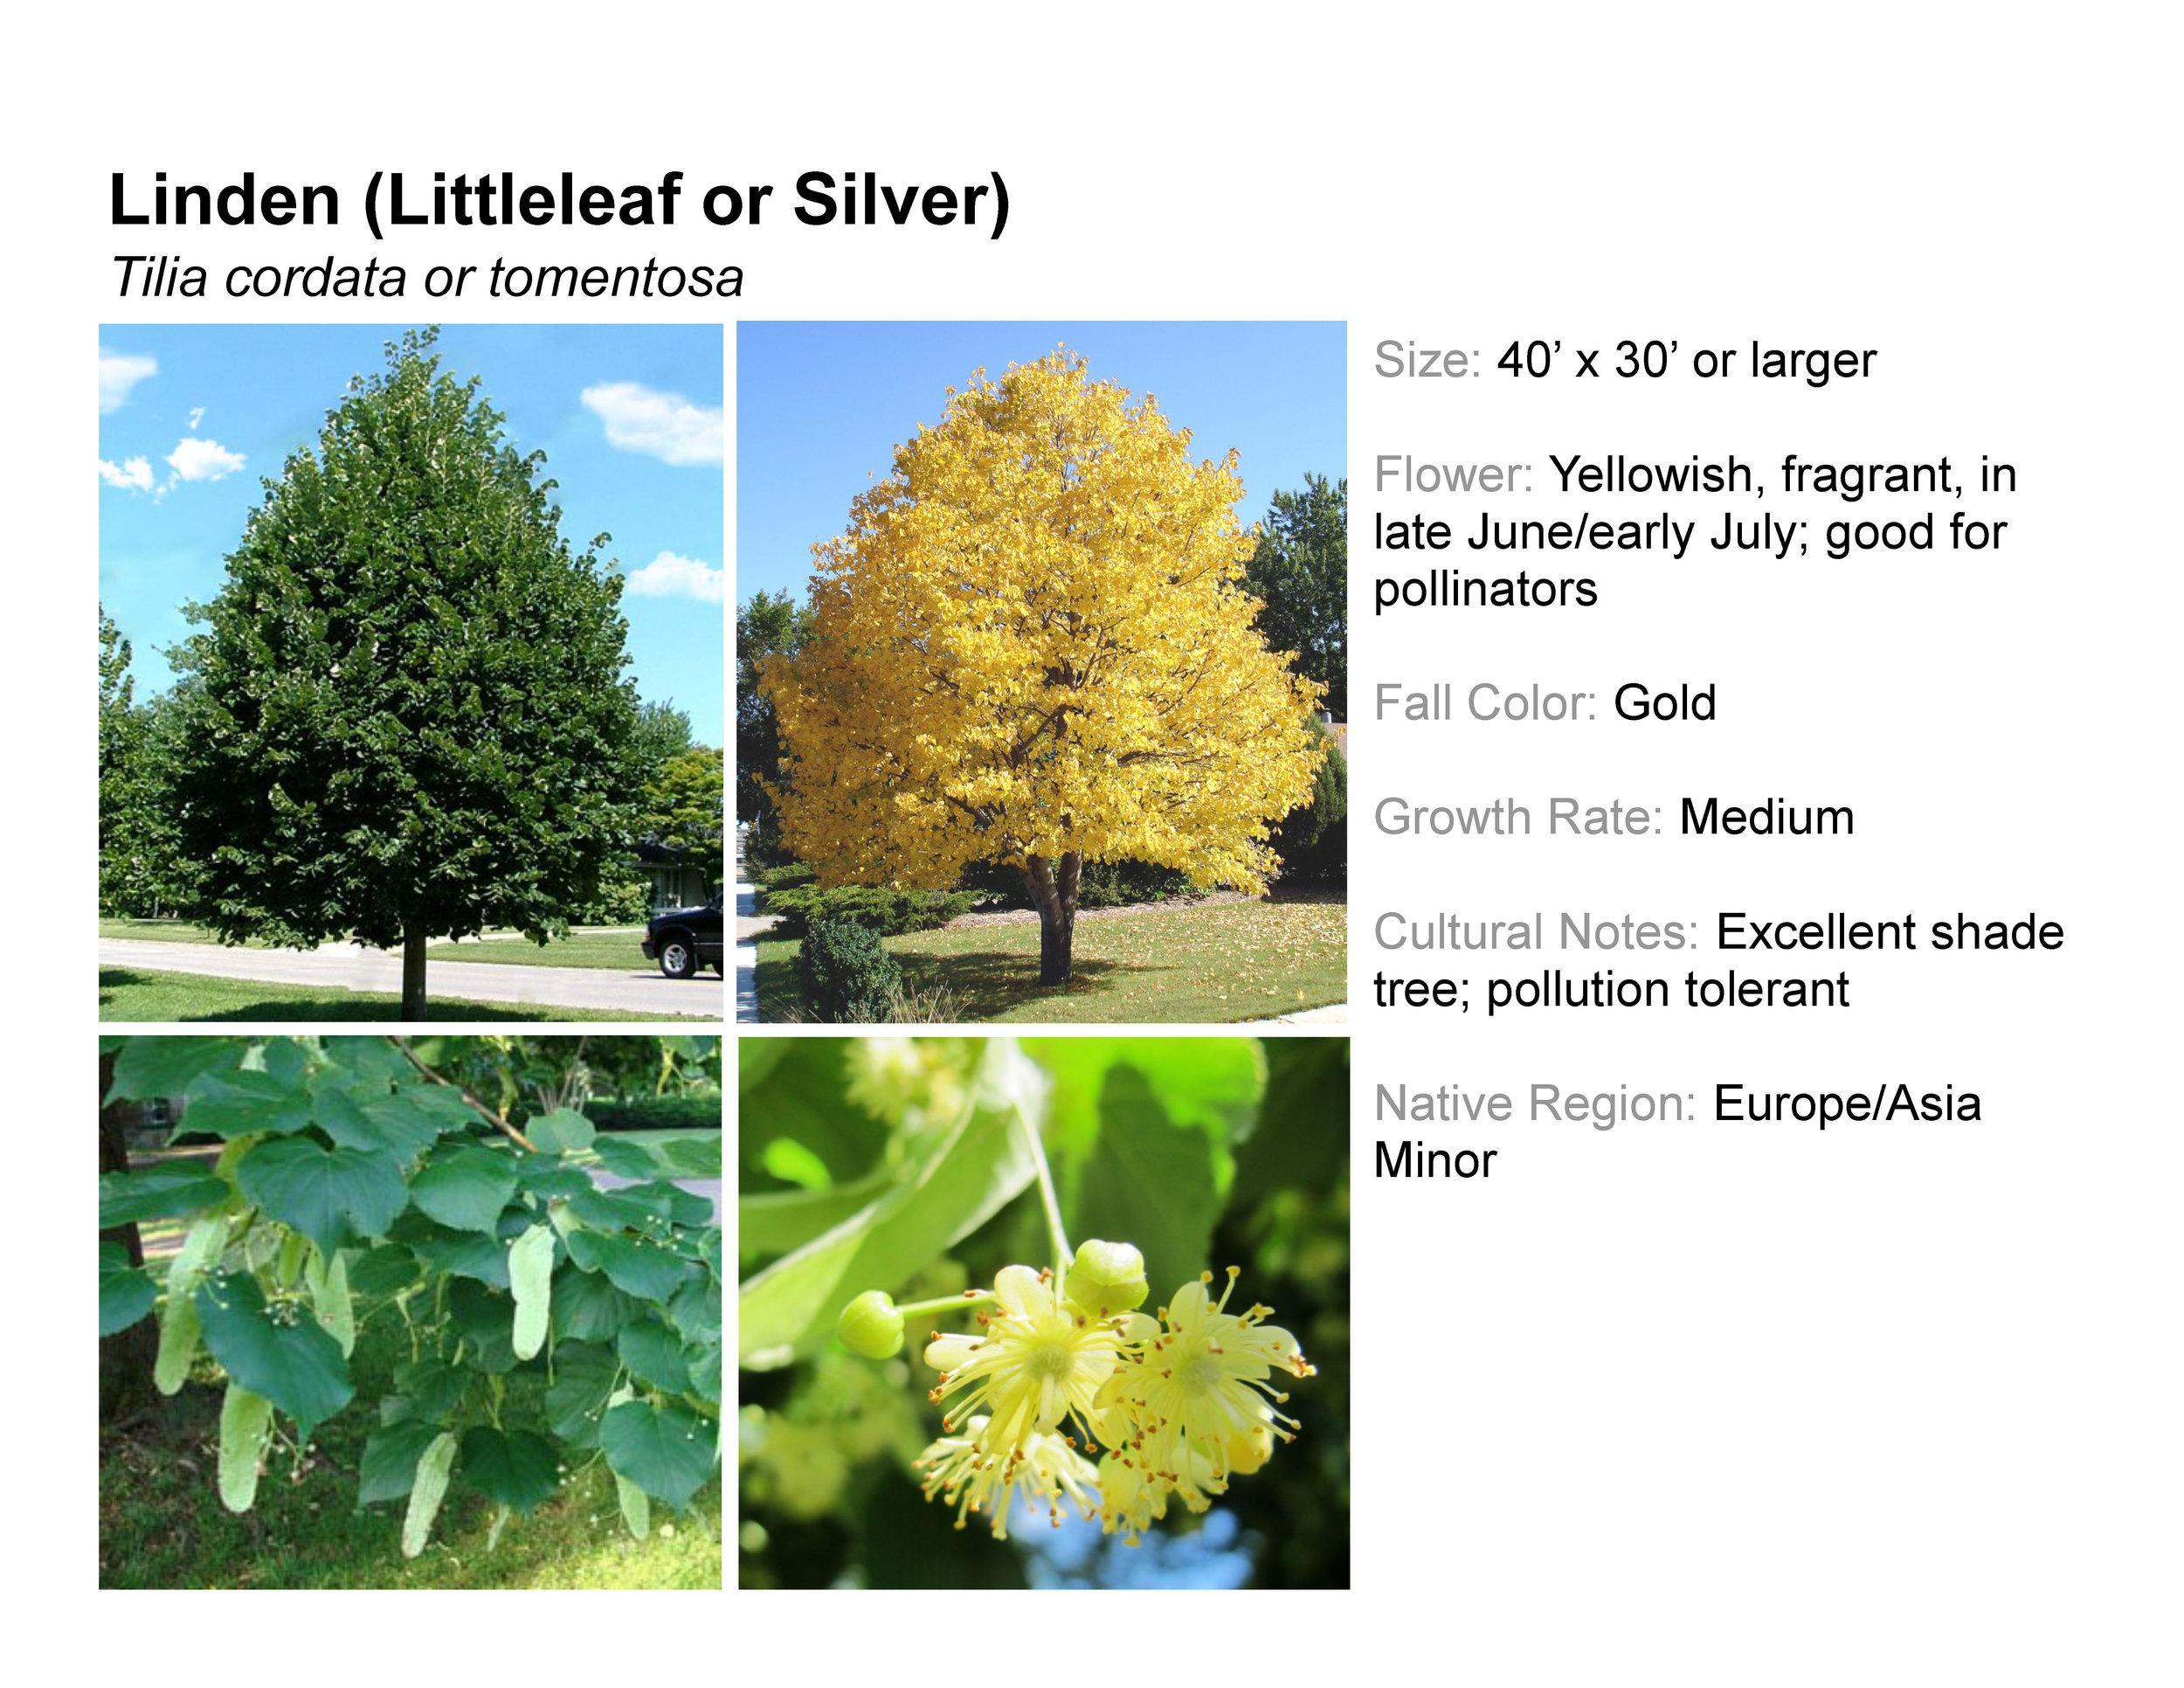 Linden (Littleleaf or Silver)